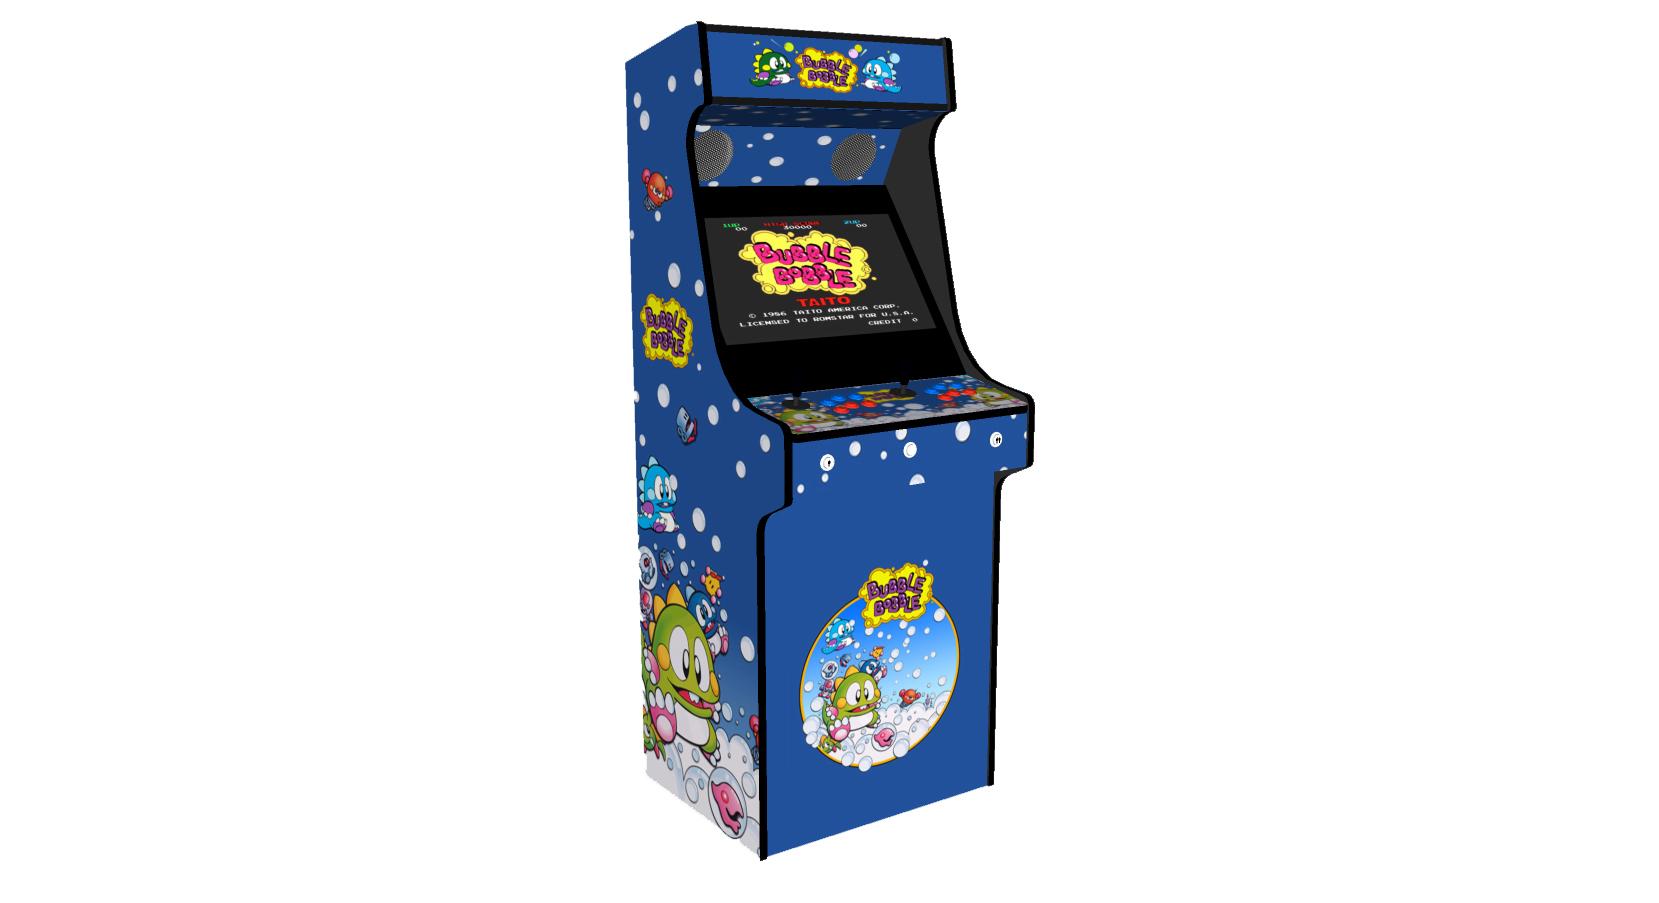 Classic Upright Arcade Machine - Bubble Bobble Theme - Left